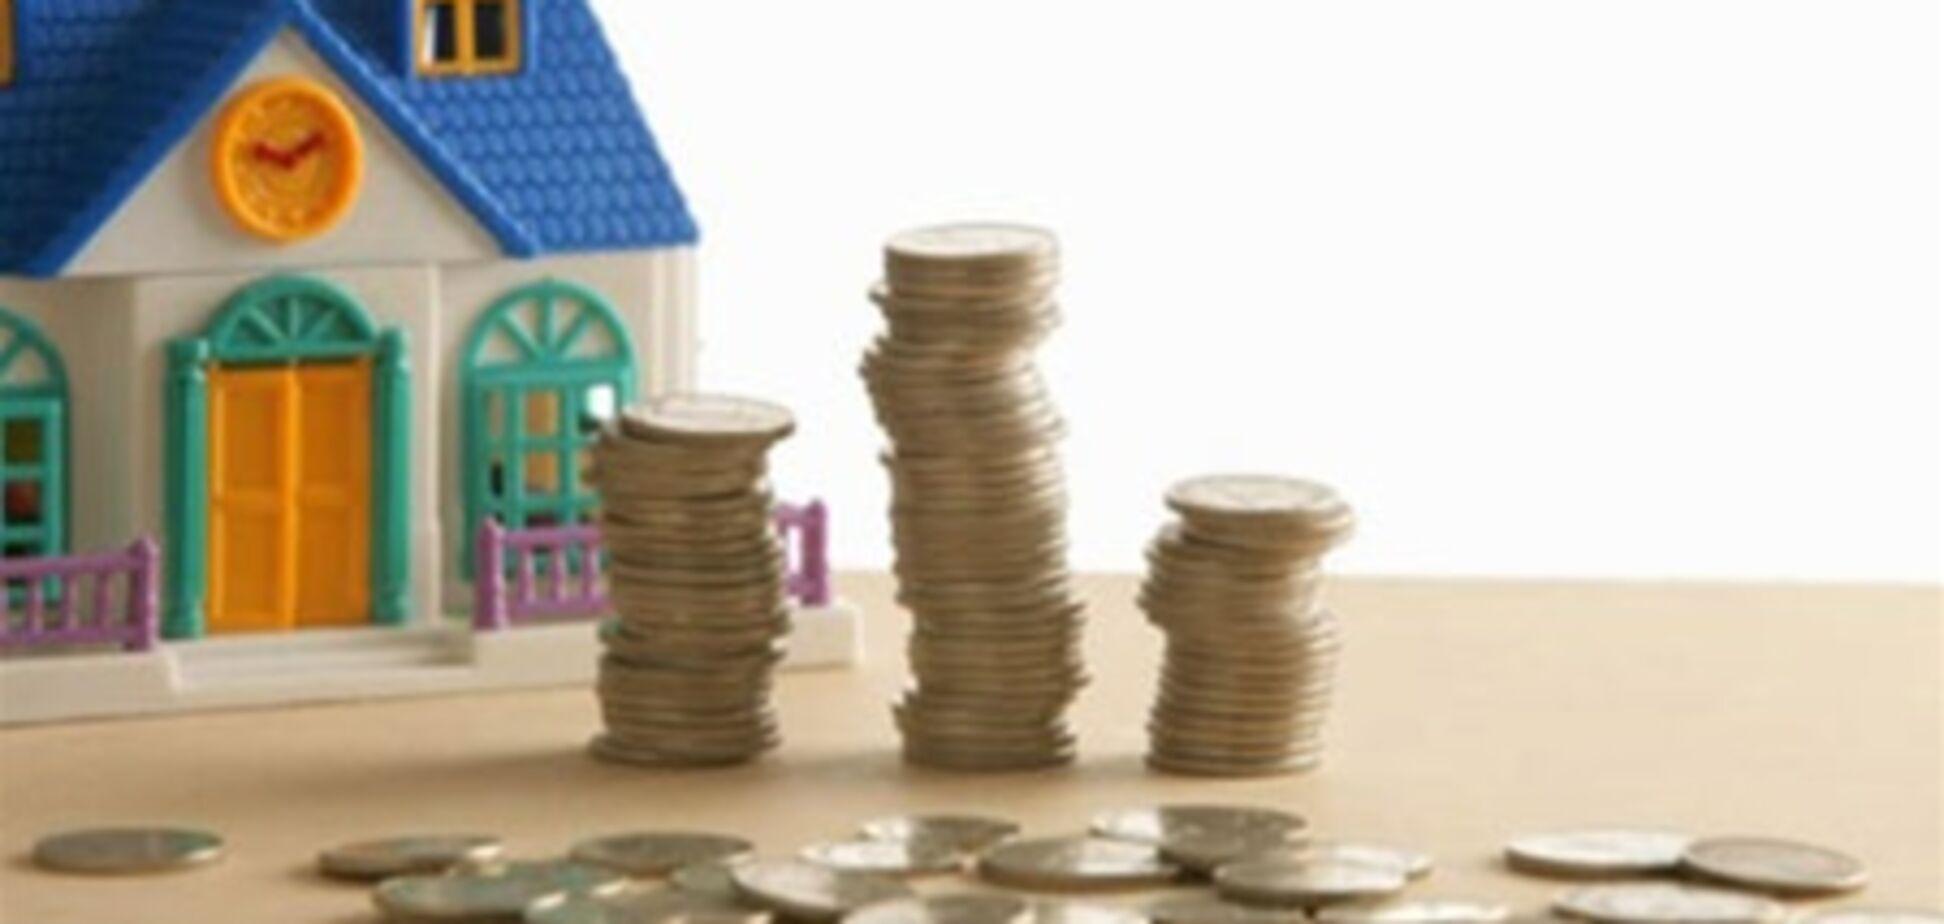 Без поддержки государства украинцы не смогут покупать жилье - эксперты